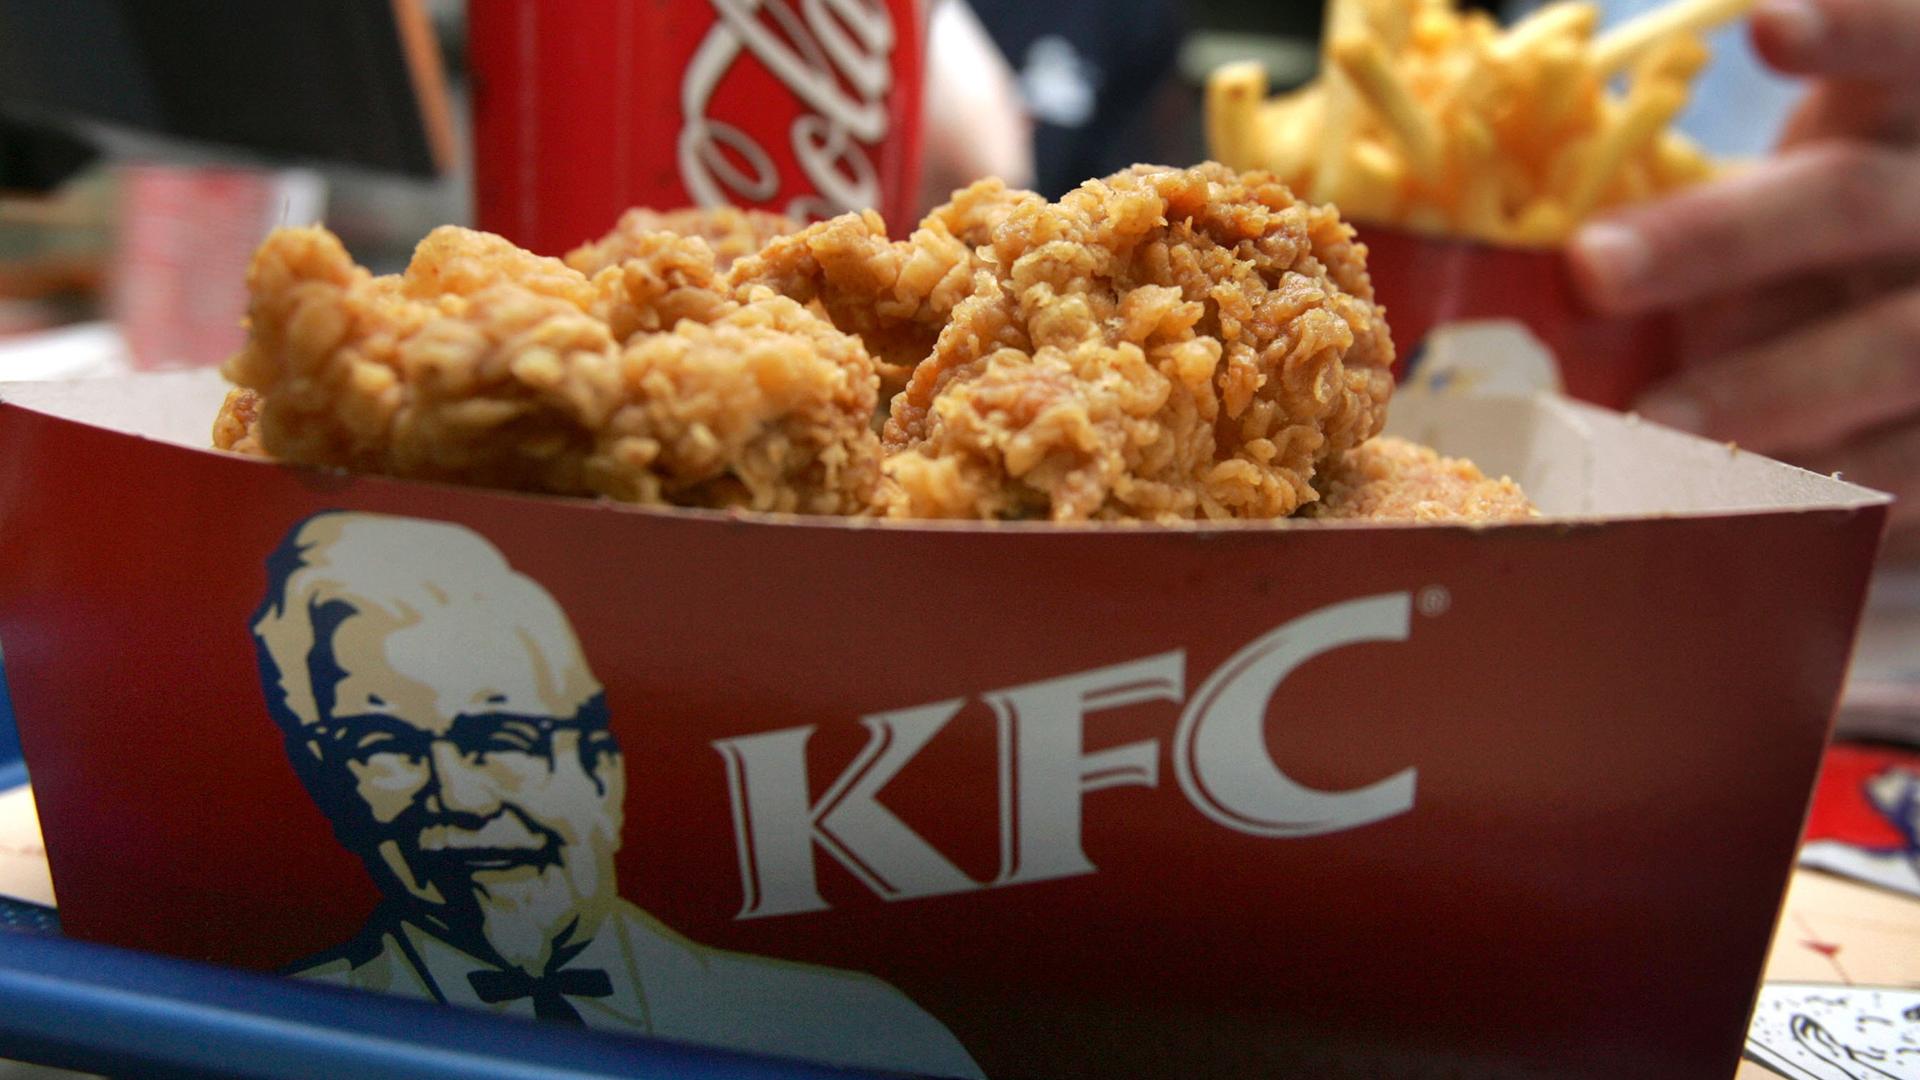 KFC: Leaked Colonel Sanders' secret fried chicken recipe ...